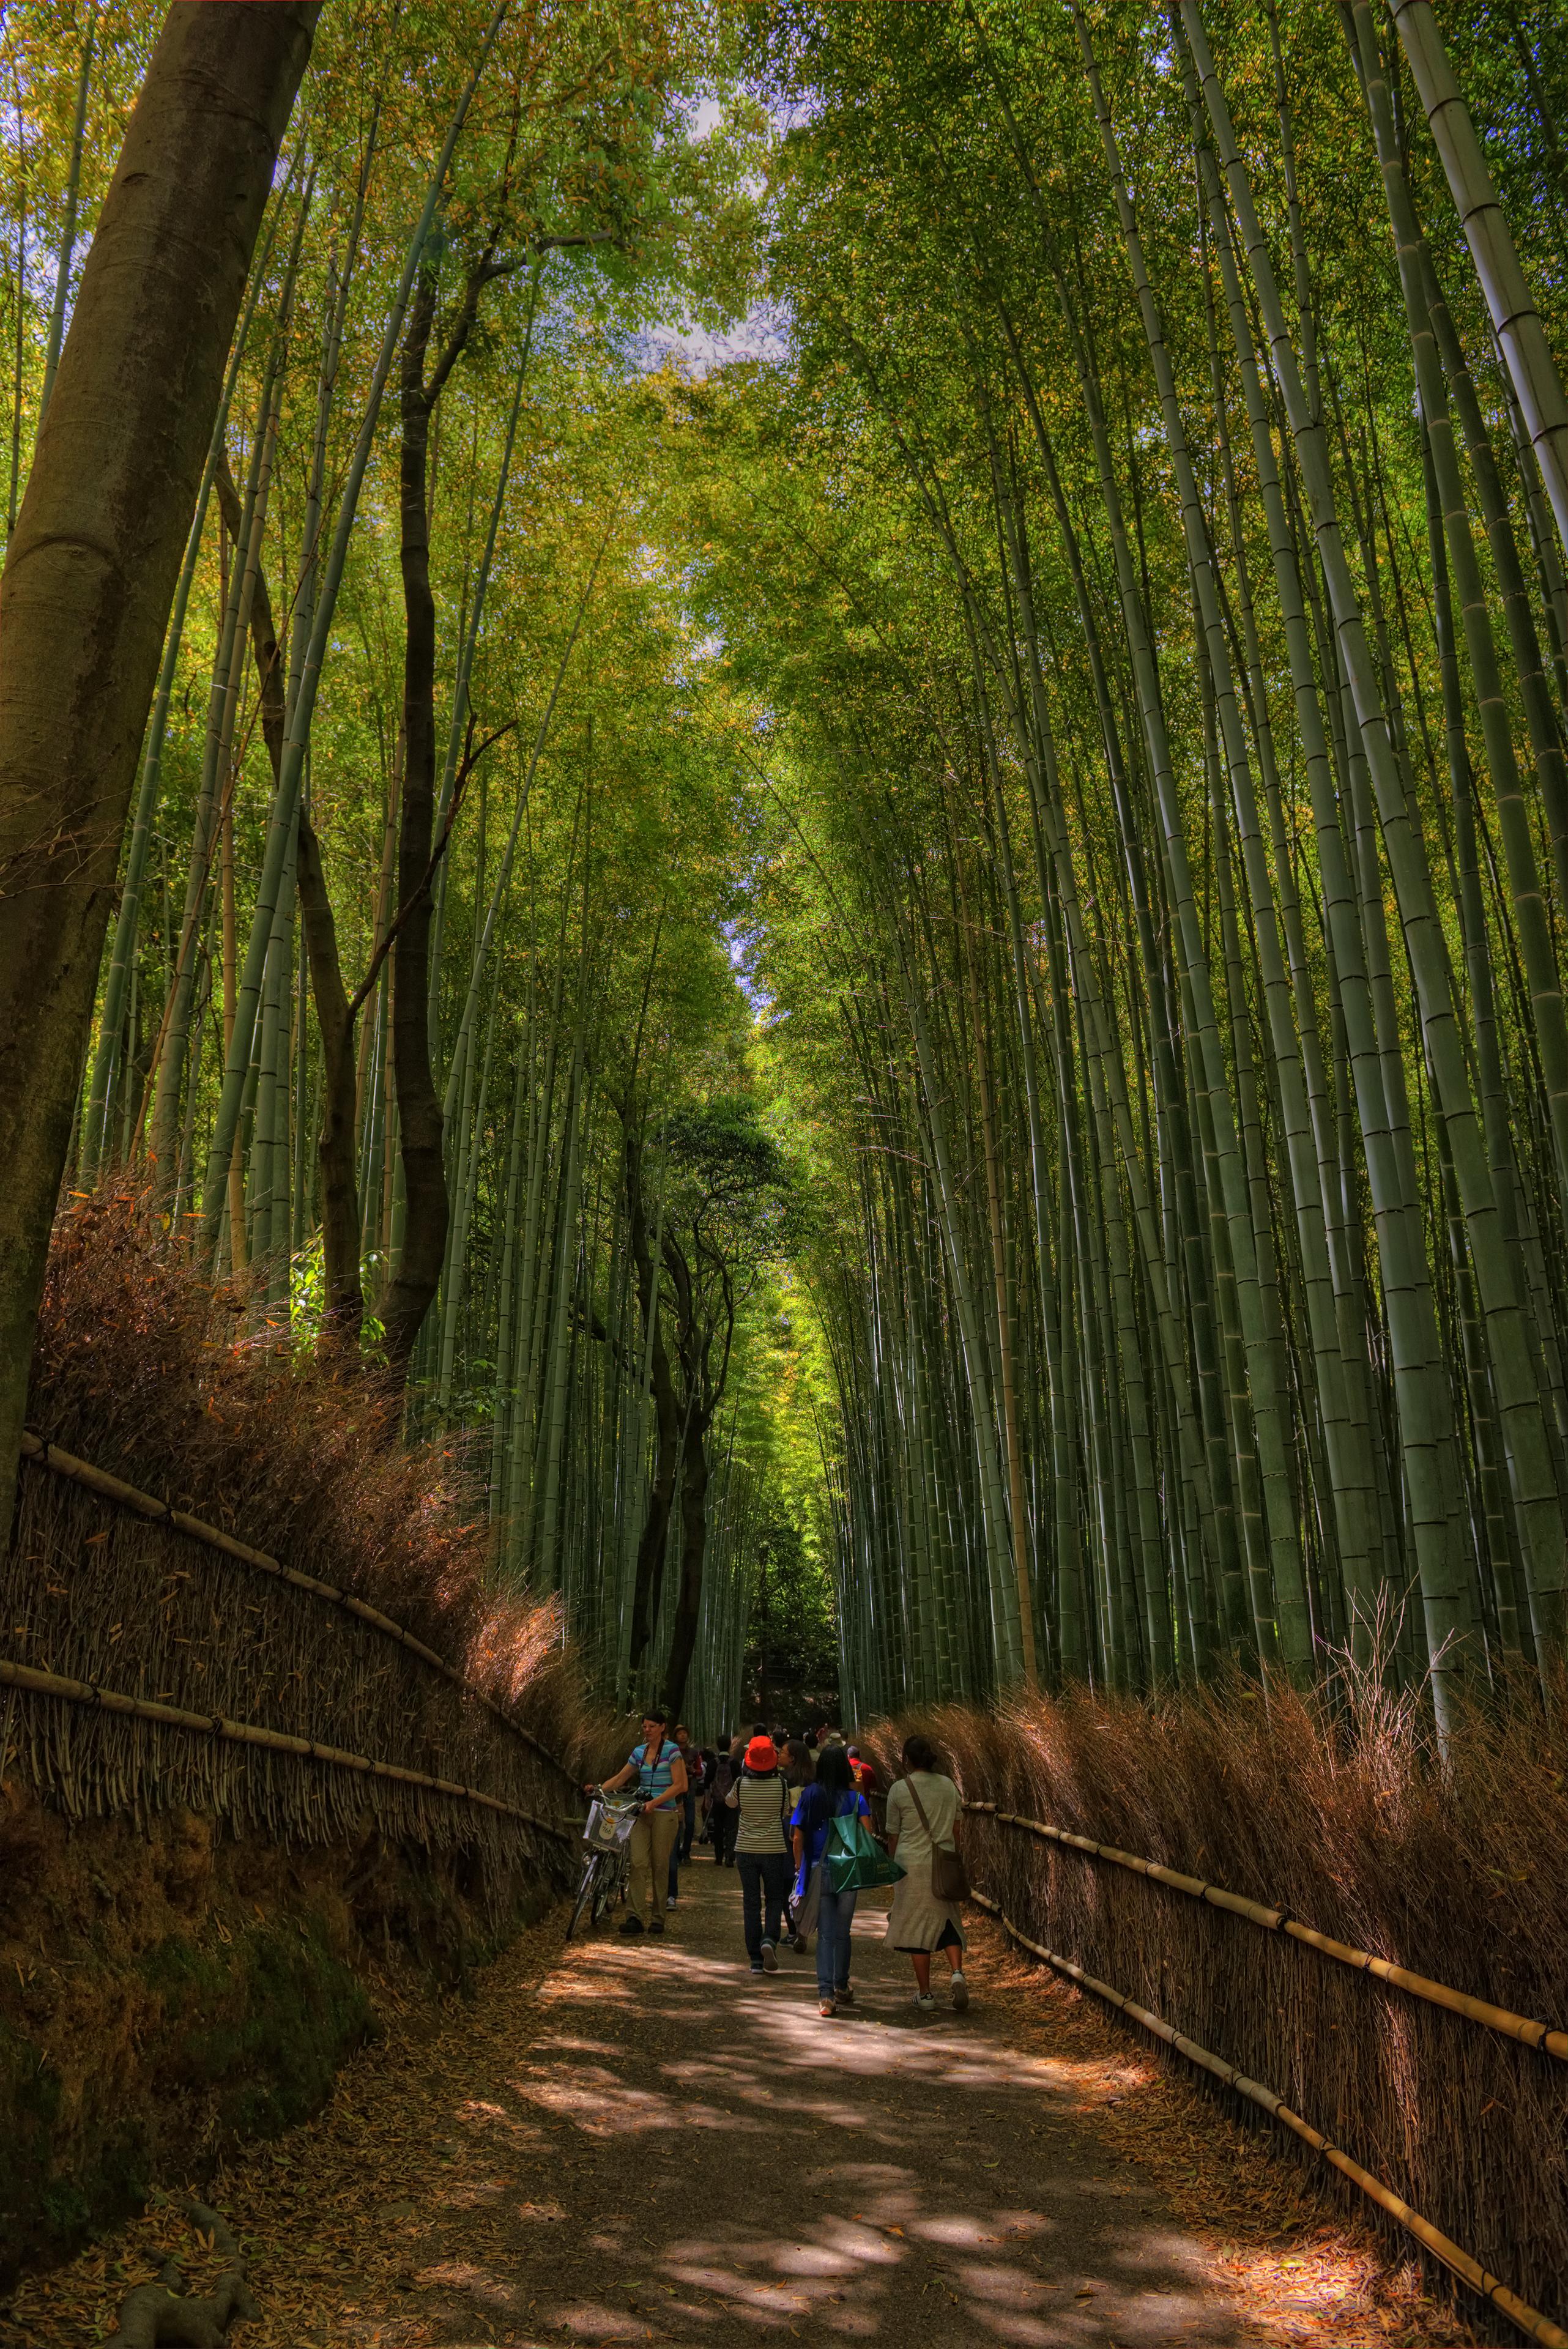 Bamboo Forest, or Arashiyama Bamboo Grove